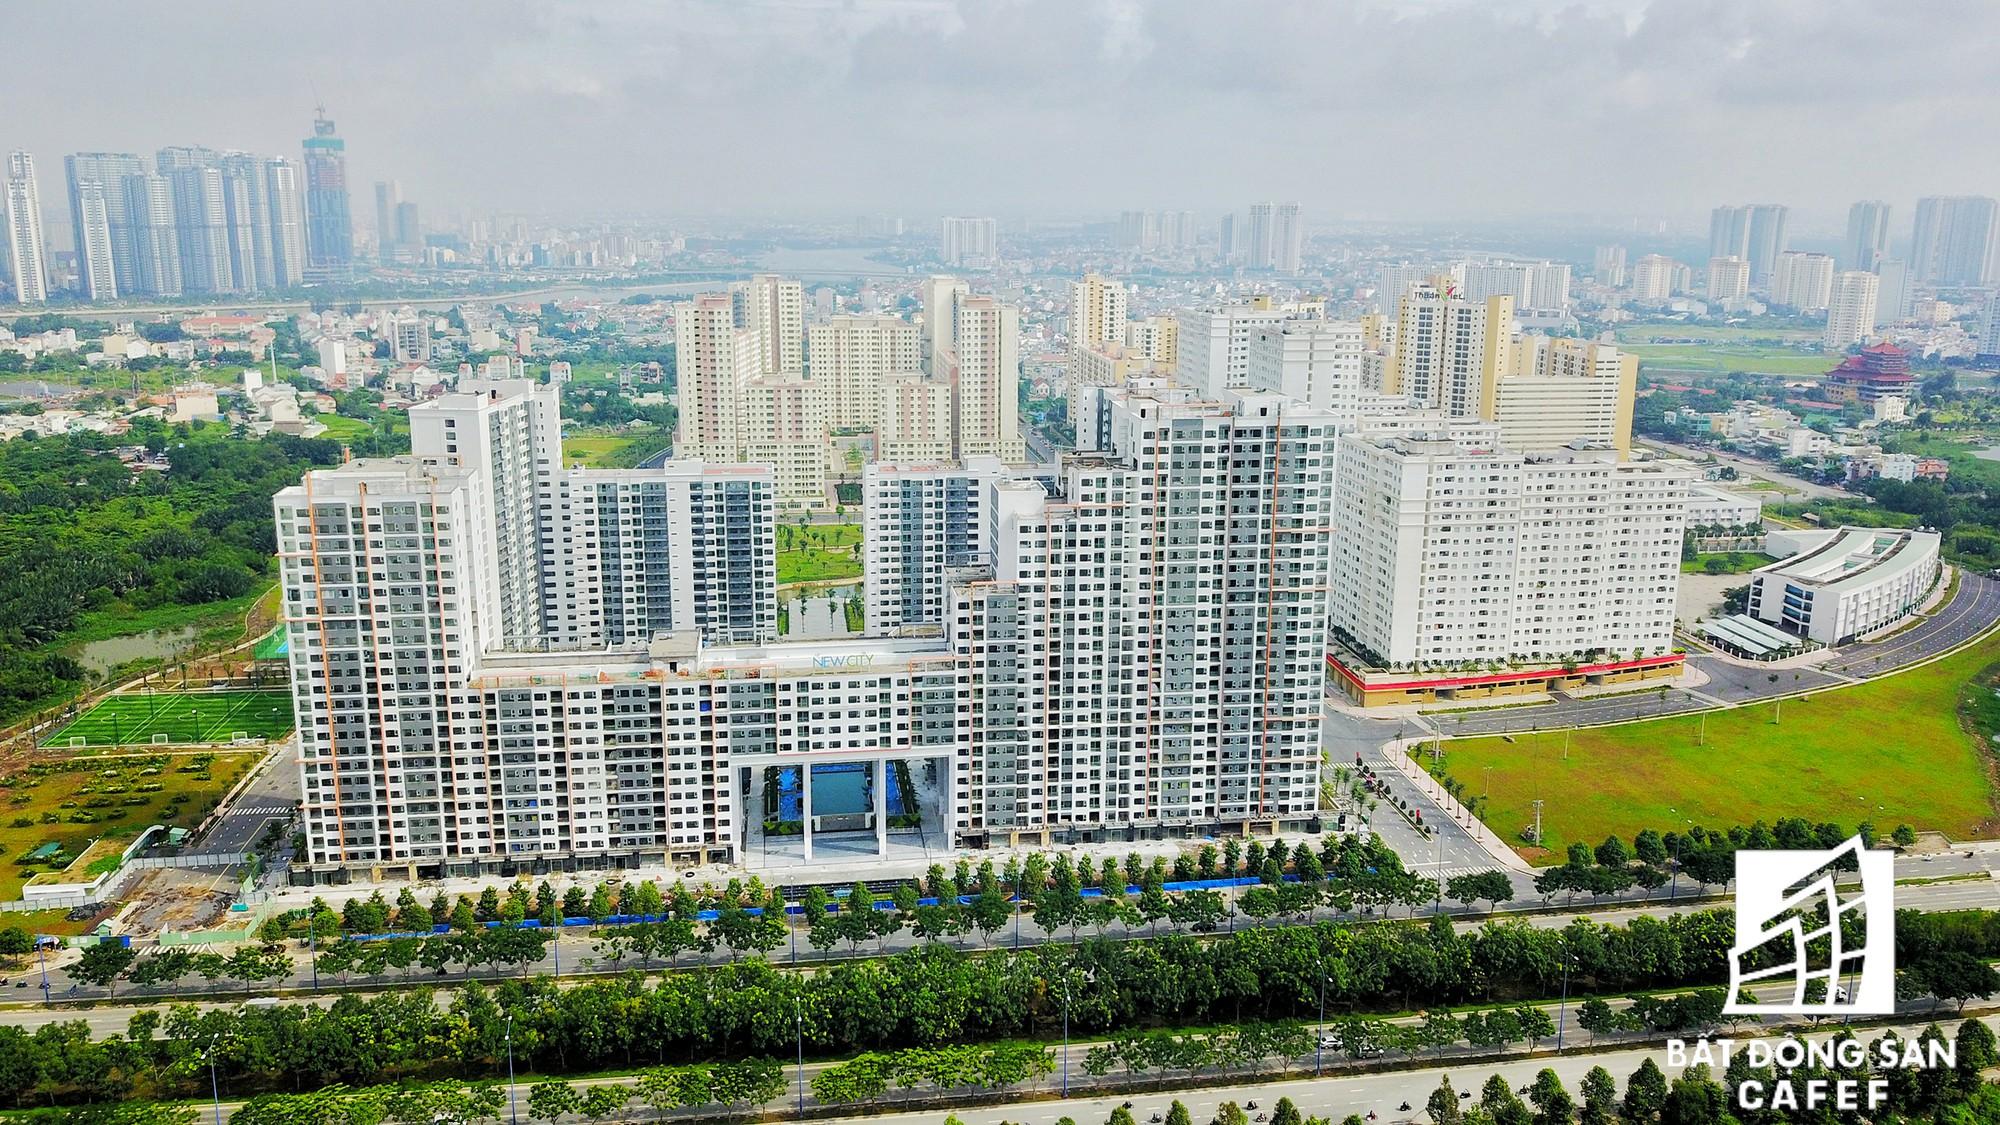 Toàn cảnh khu tái định cư đồ sộ nhất TPHCM, chục nghìn căn hộ không ai ở, bán đấu giá nhiều lần thất bại - Ảnh 10.